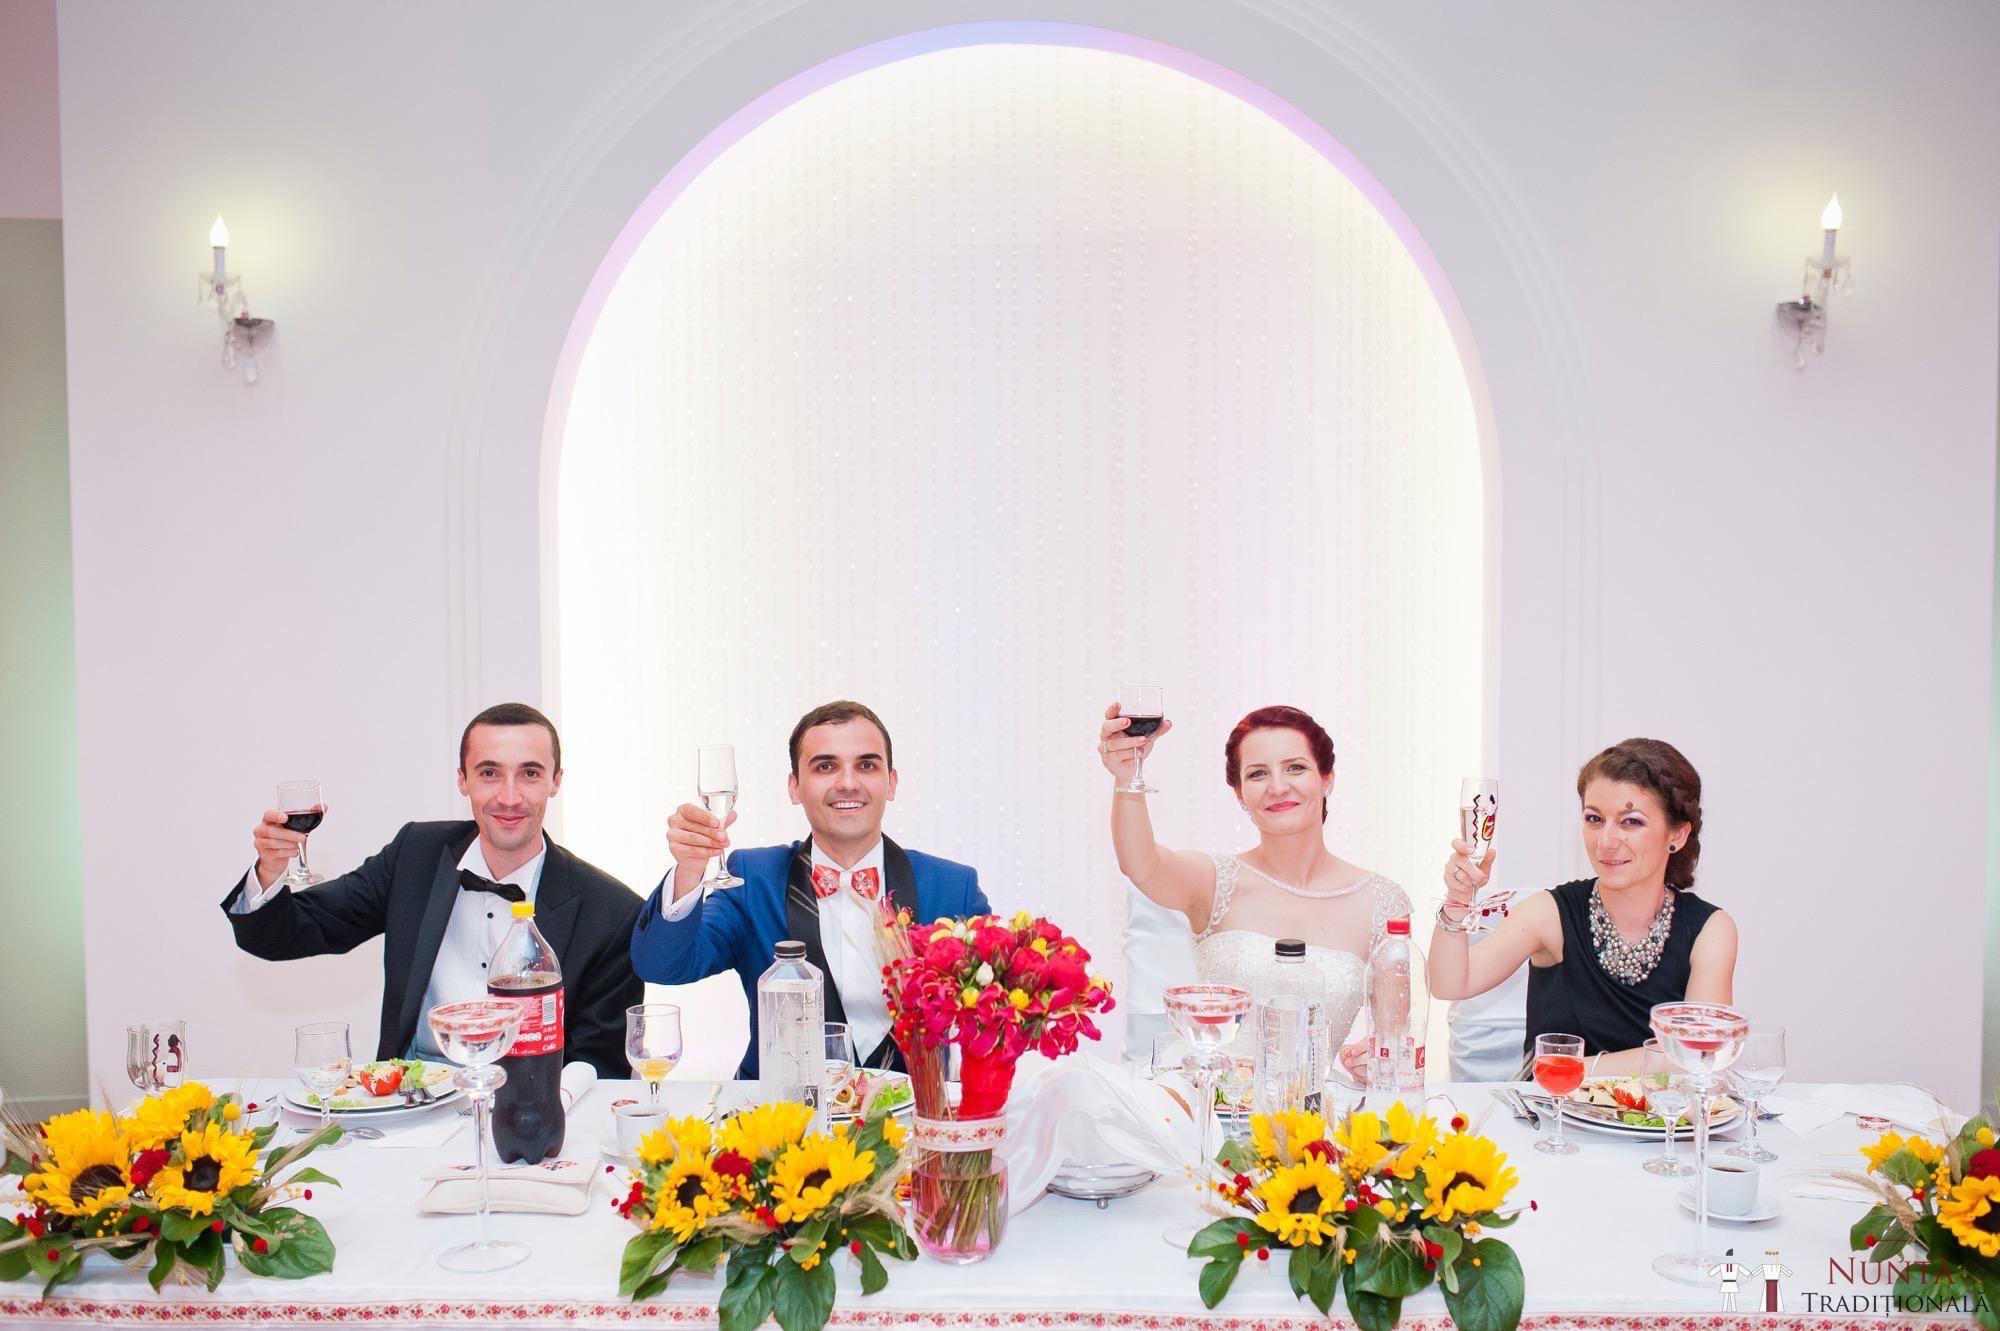 Povești Nunți Tradiționale - Gabriela și Mădălin - Nuntă Tradițională în Suceava, Bucovina 50